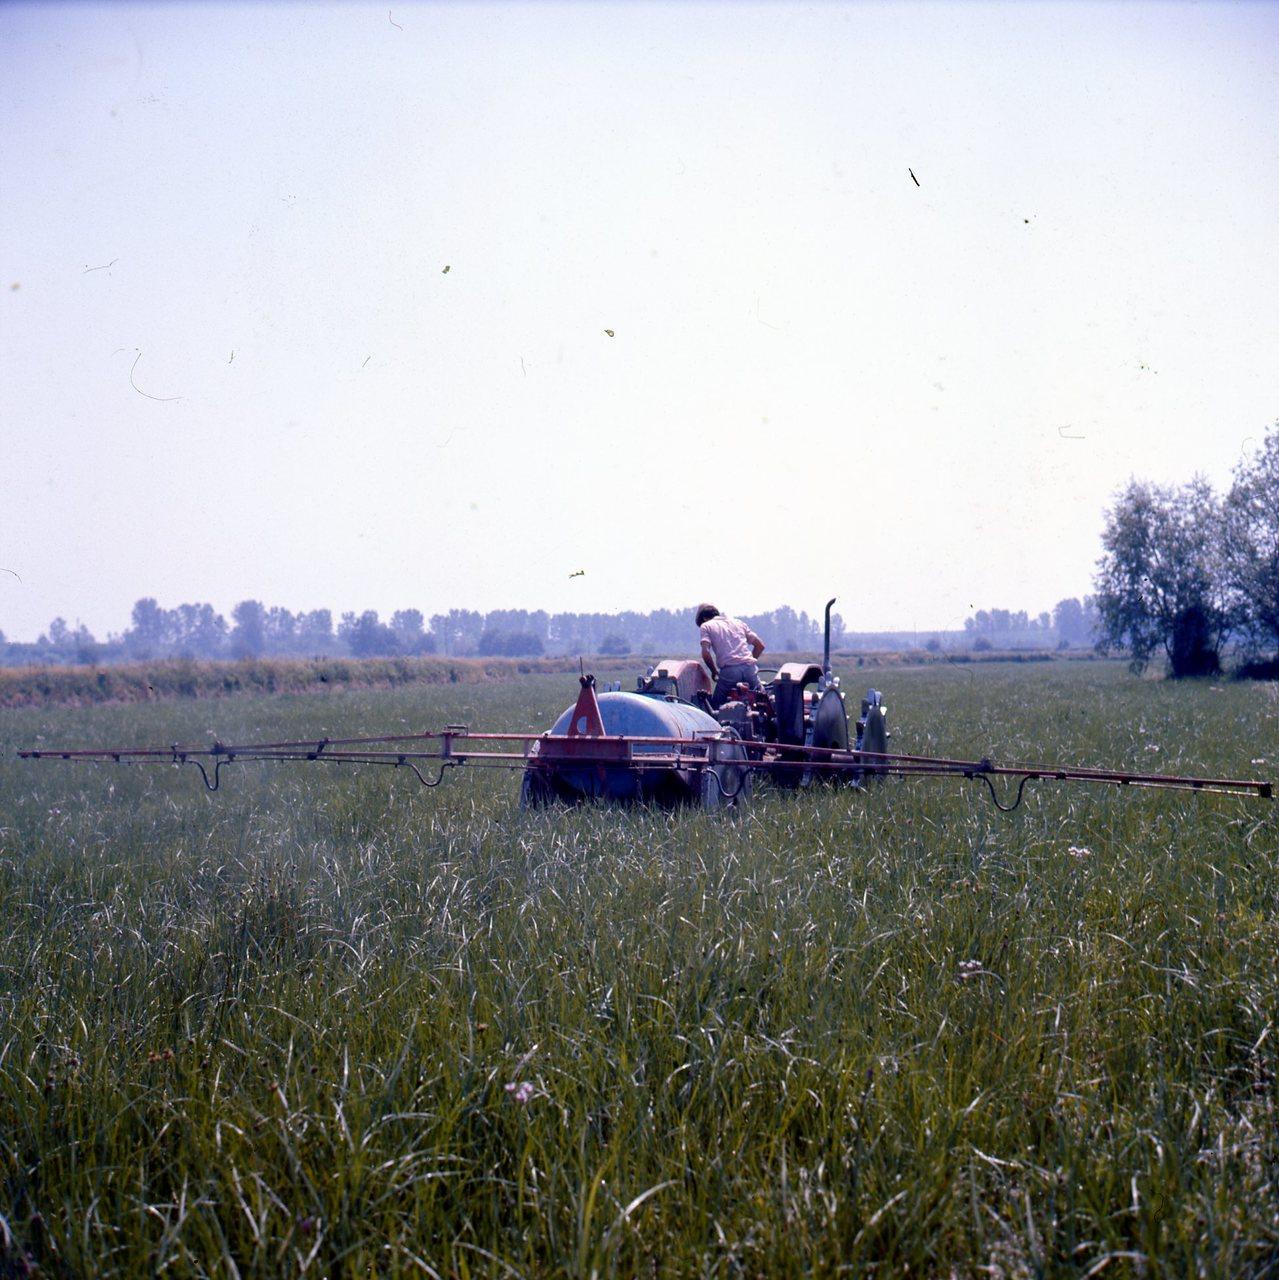 [SAME] trattore Saturno 80 al lavoro in risaia